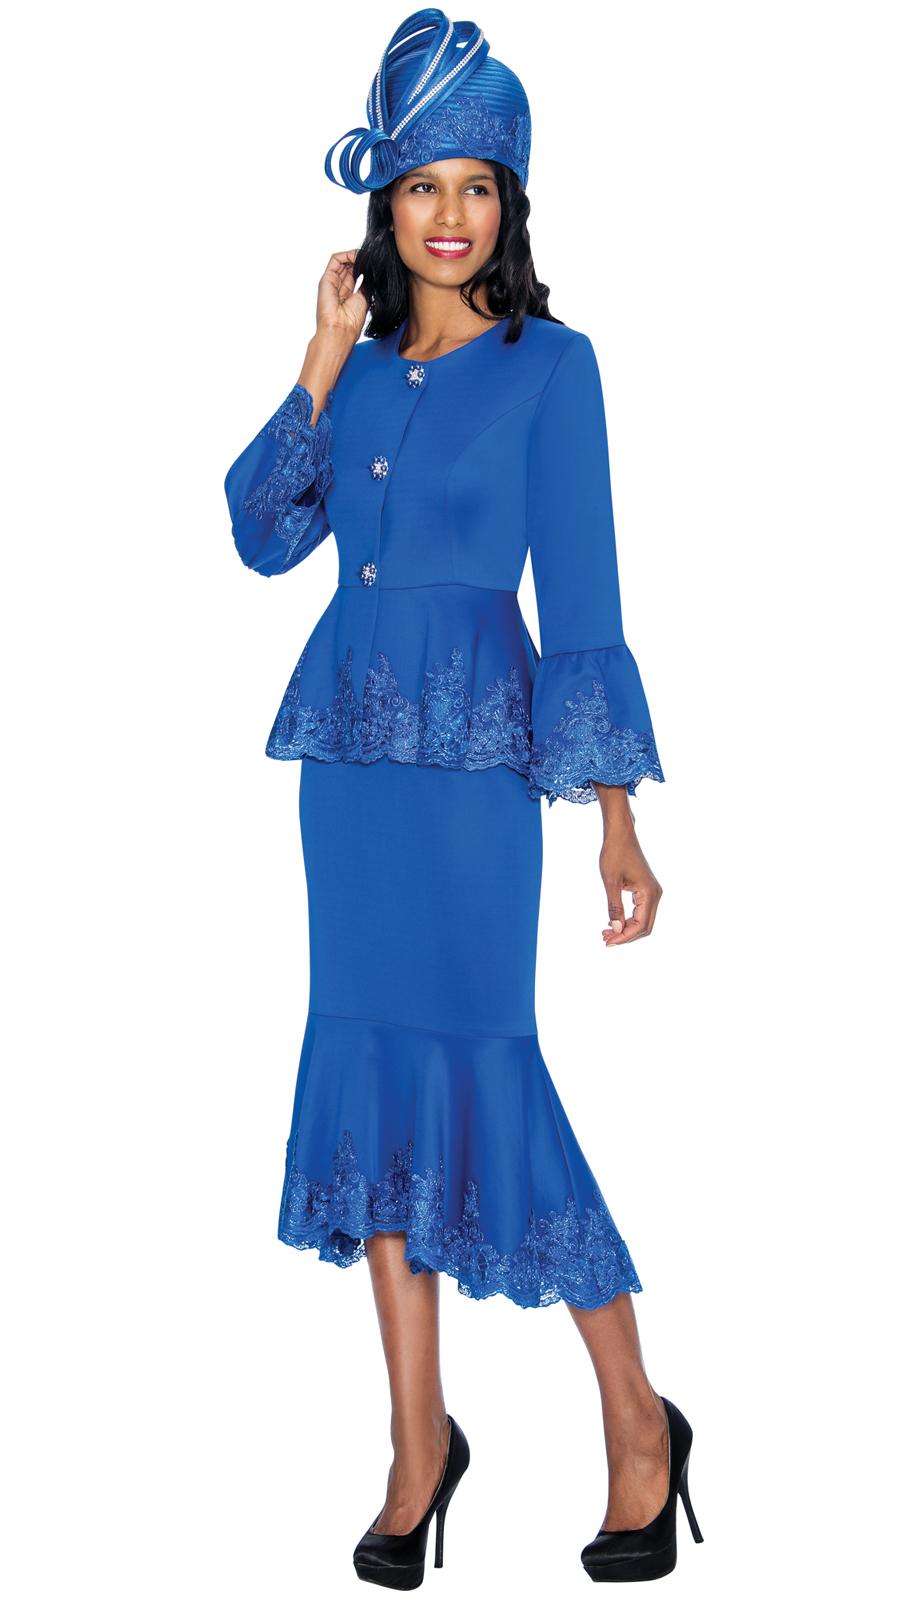 Gmi Suit 6952 2 Piece Women S Suit With Lace Trim Peplum Waist